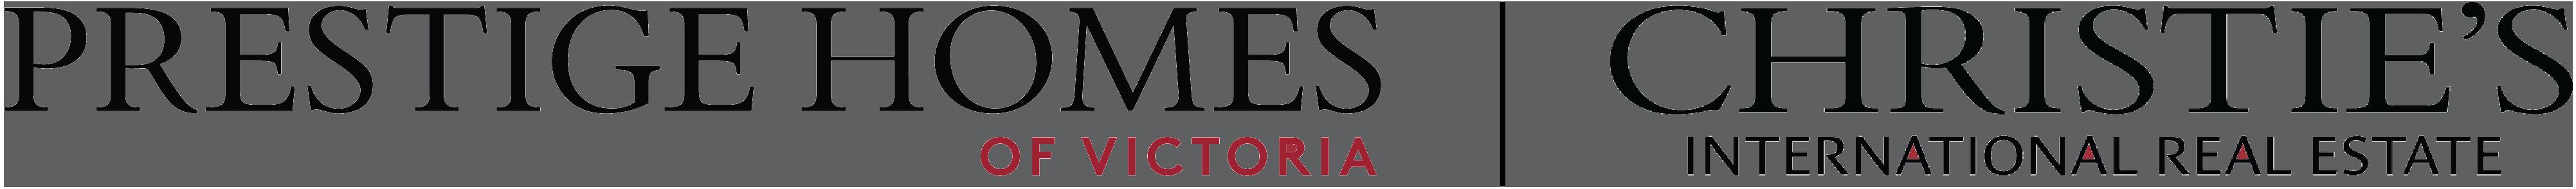 Prestige homes of victoria logo